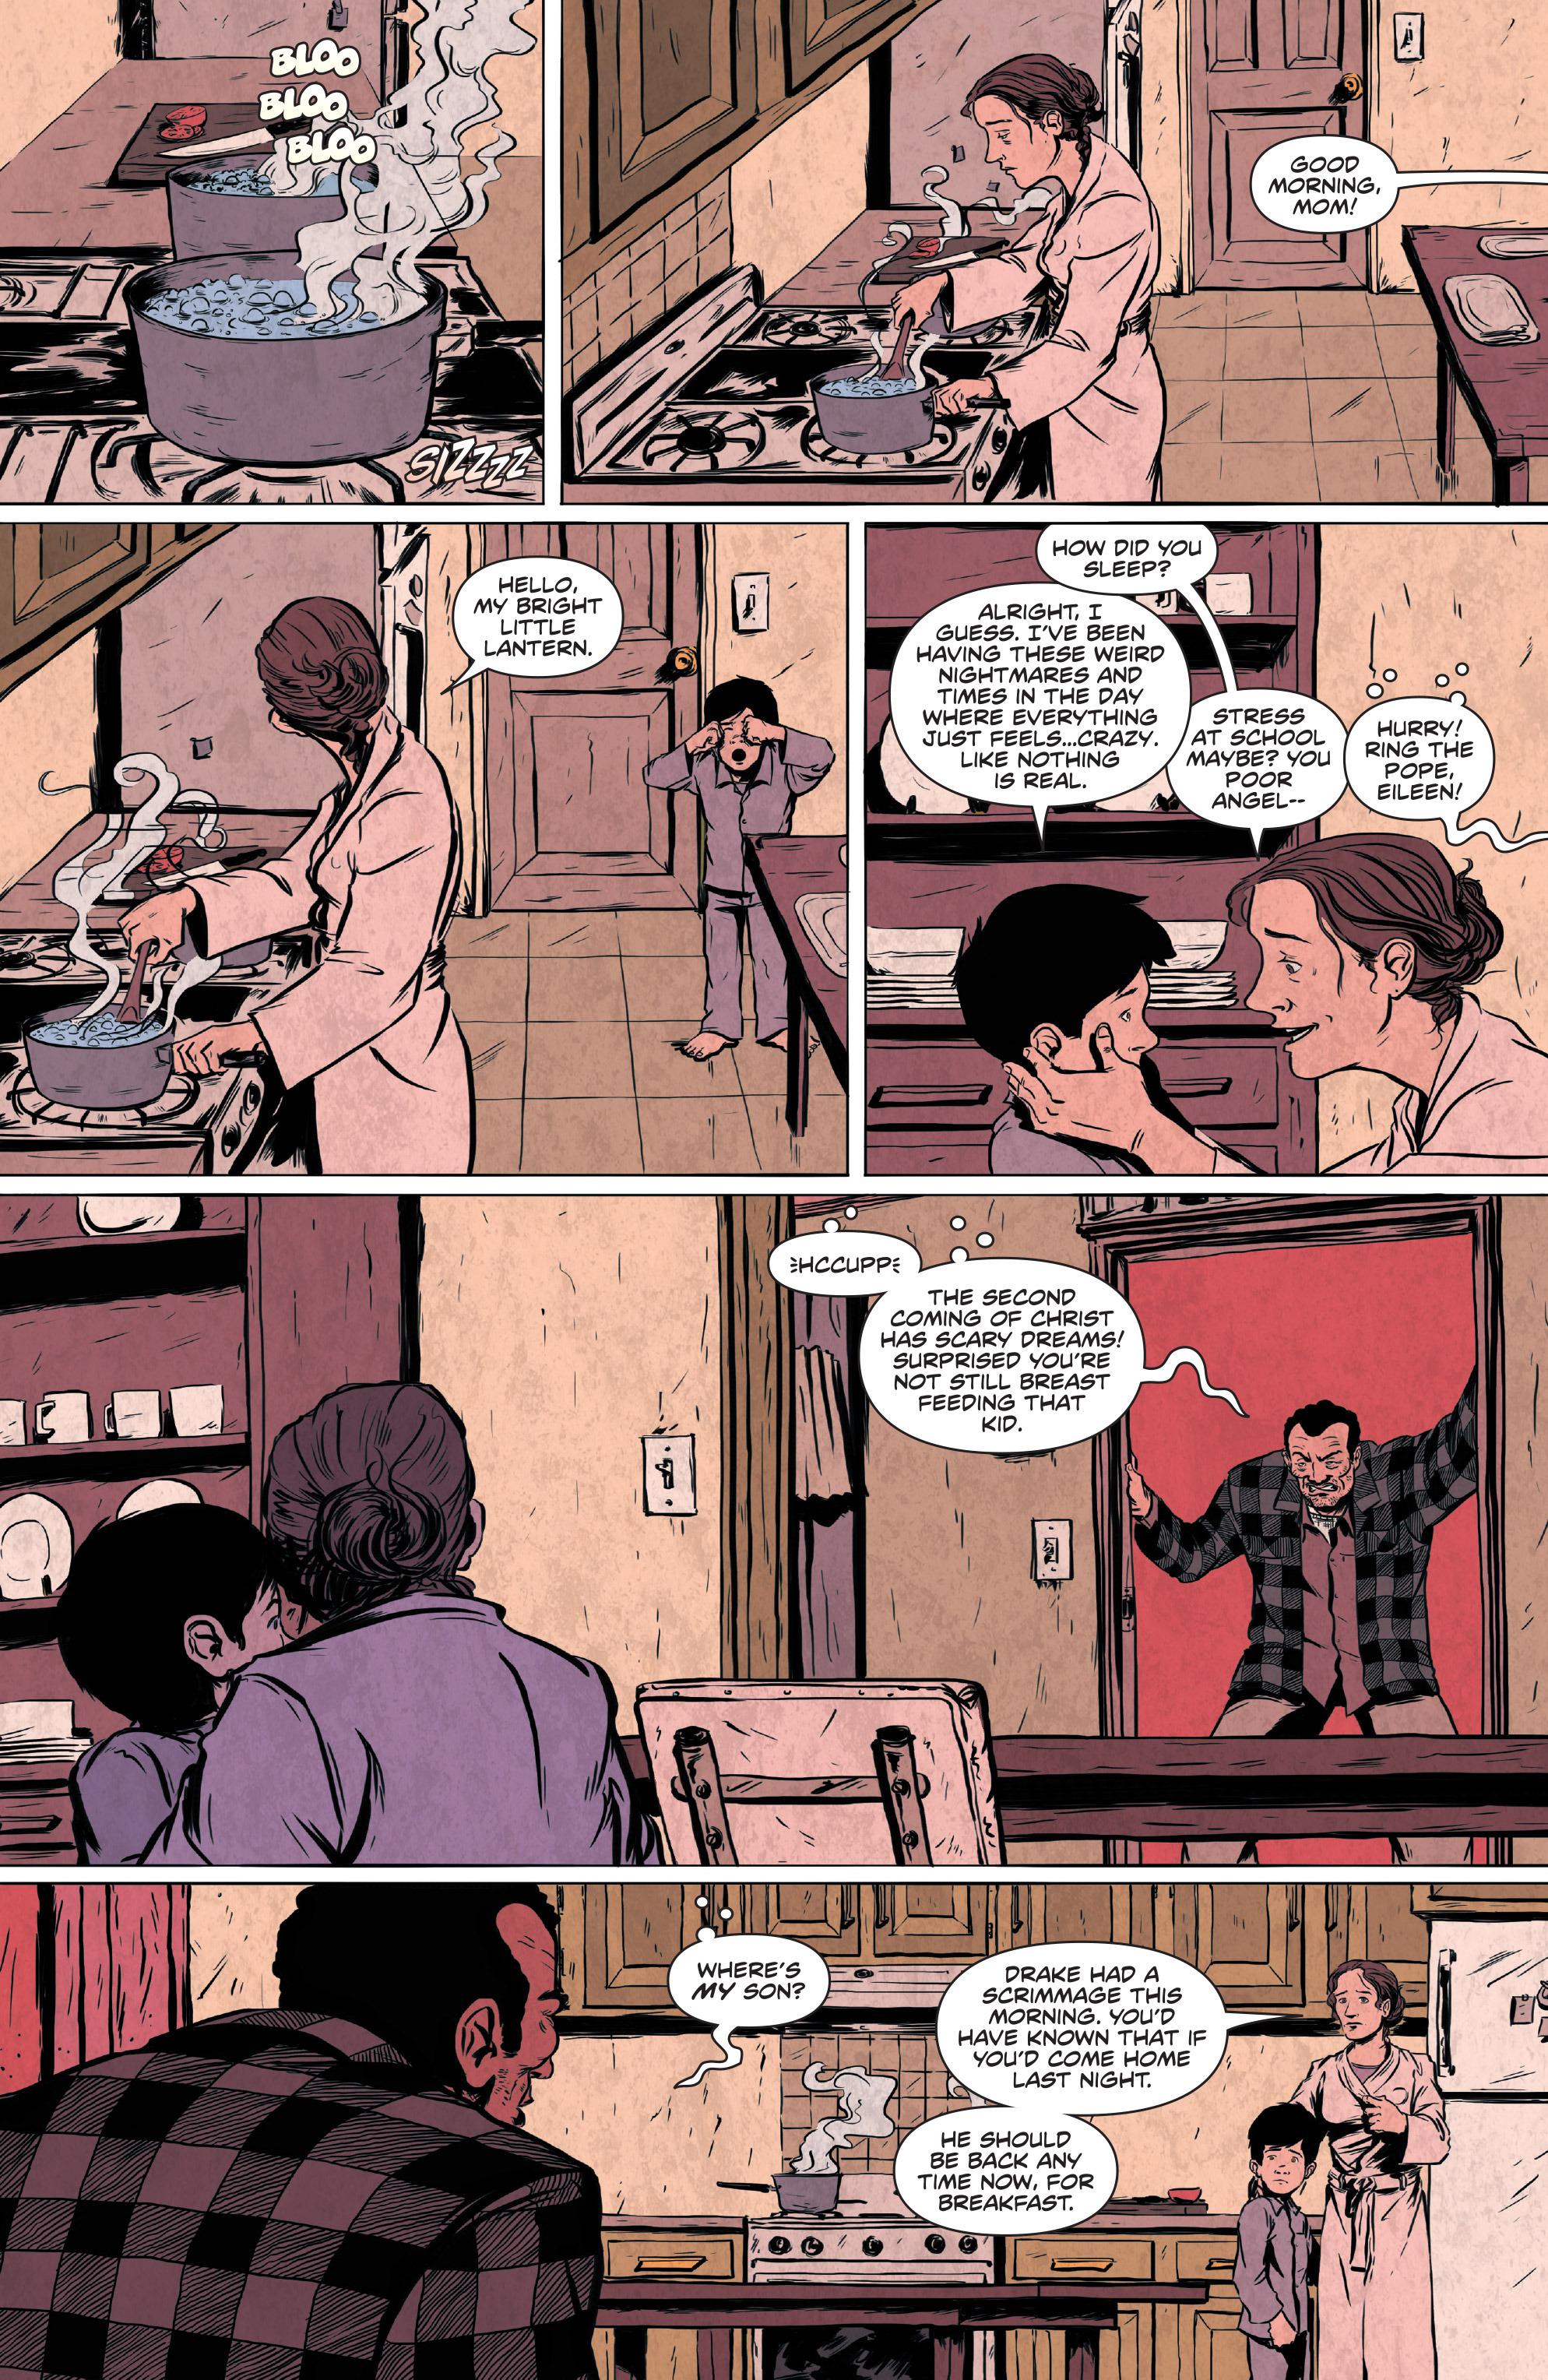 Read online Translucid comic -  Issue #2 - 11